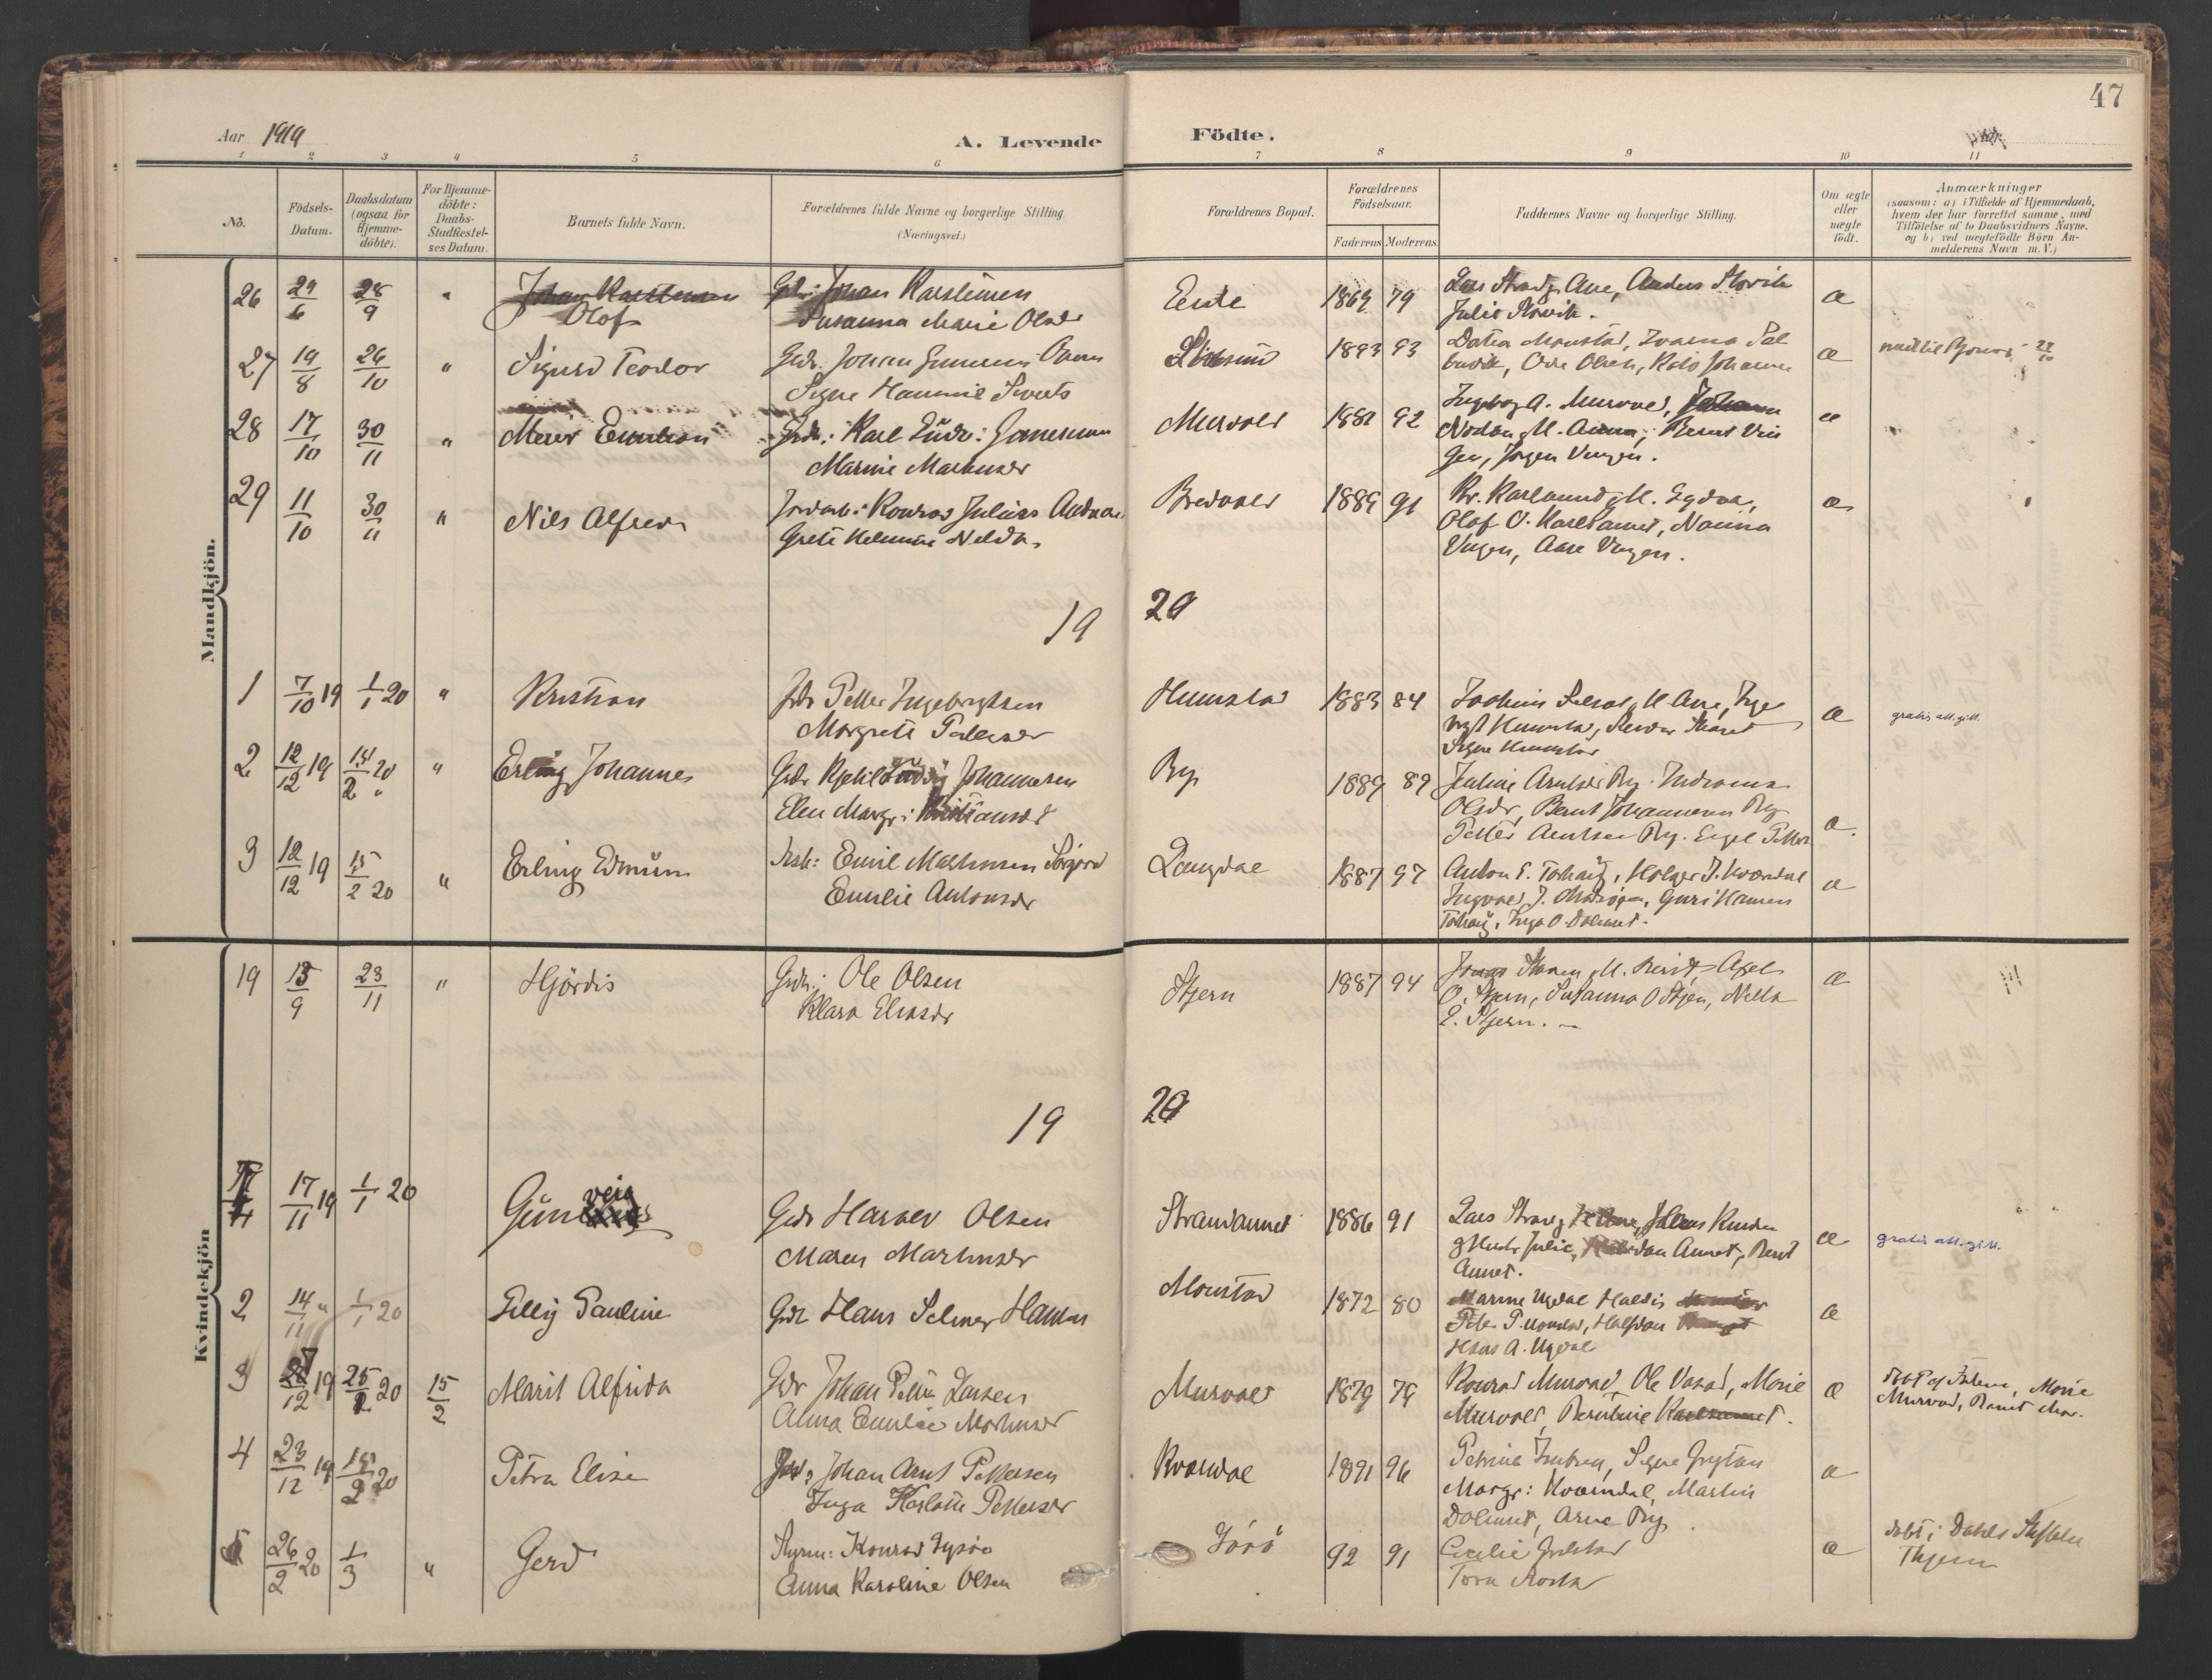 SAT, Ministerialprotokoller, klokkerbøker og fødselsregistre - Sør-Trøndelag, 655/L0682: Ministerialbok nr. 655A11, 1908-1922, s. 47